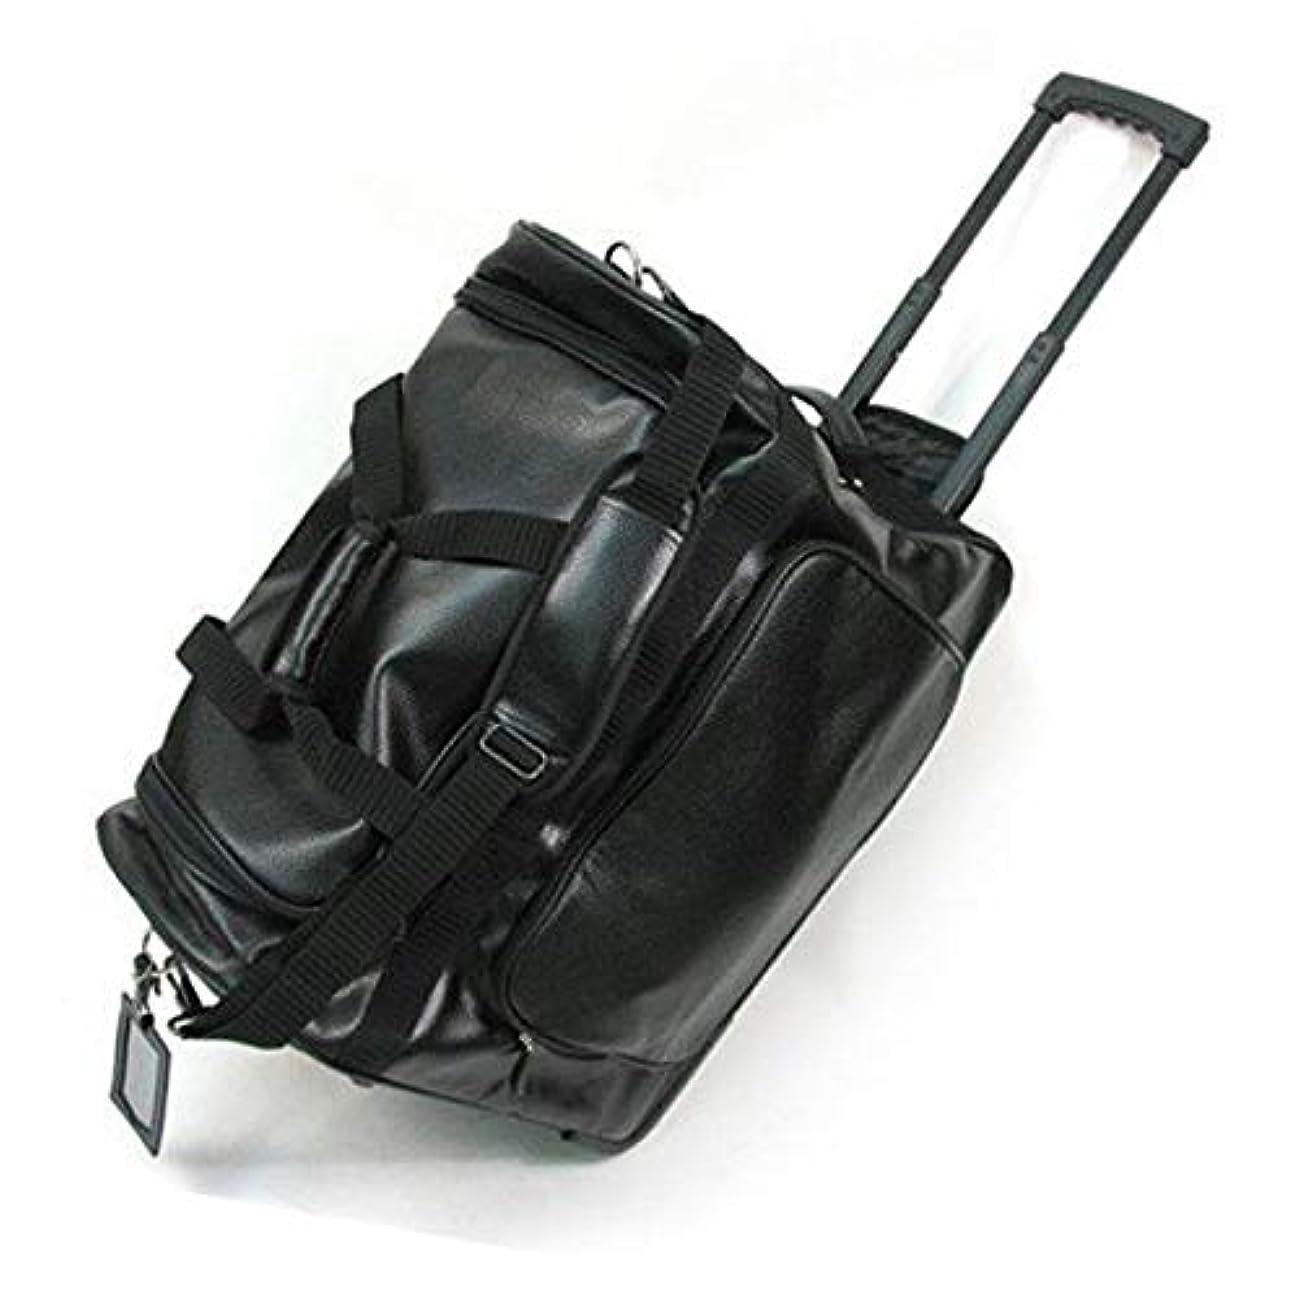 エミュレートする油おもしろい剣道 防具袋 キャスター PVCキャリーバック 【刺繍ネーム無料】 PVC Kendo Bogu Carrying Bag